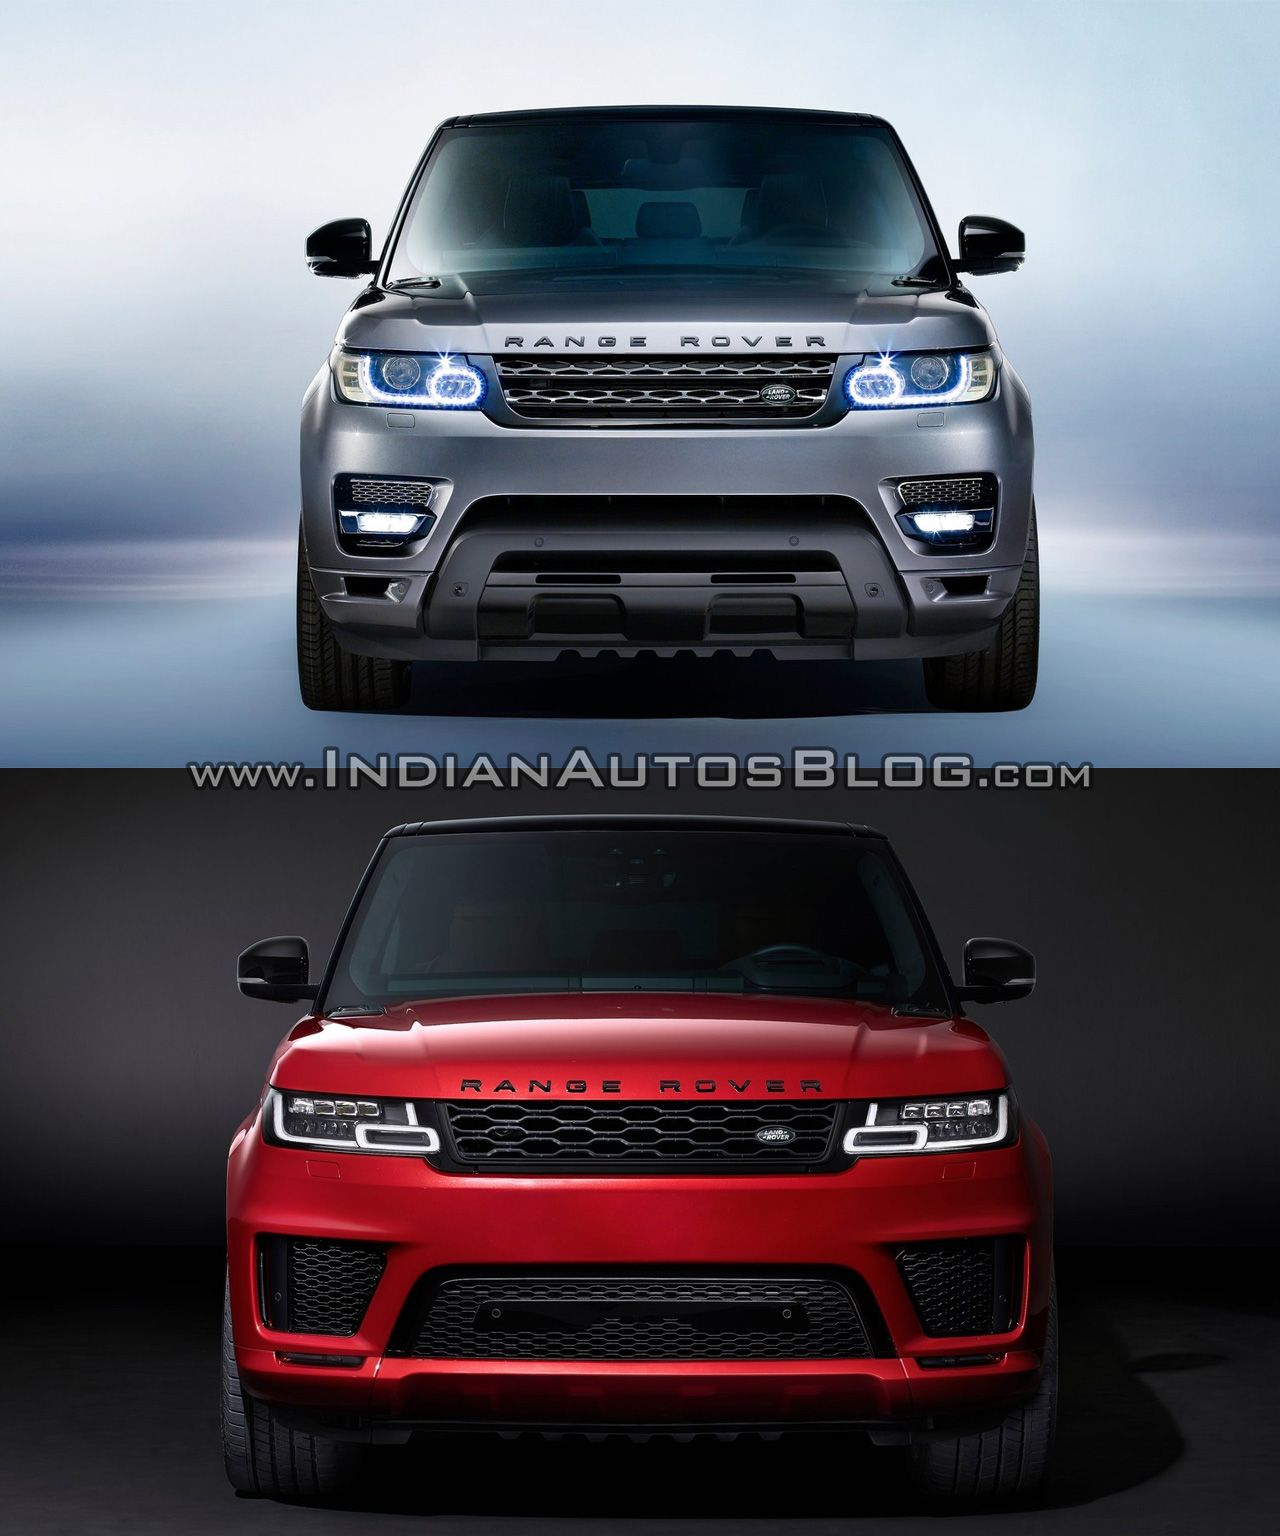 2018 Range Rover Sport Vs 2014 Range Rover Sport Old Vs New Range Rover Sport New Range Rover Sport Range Rover